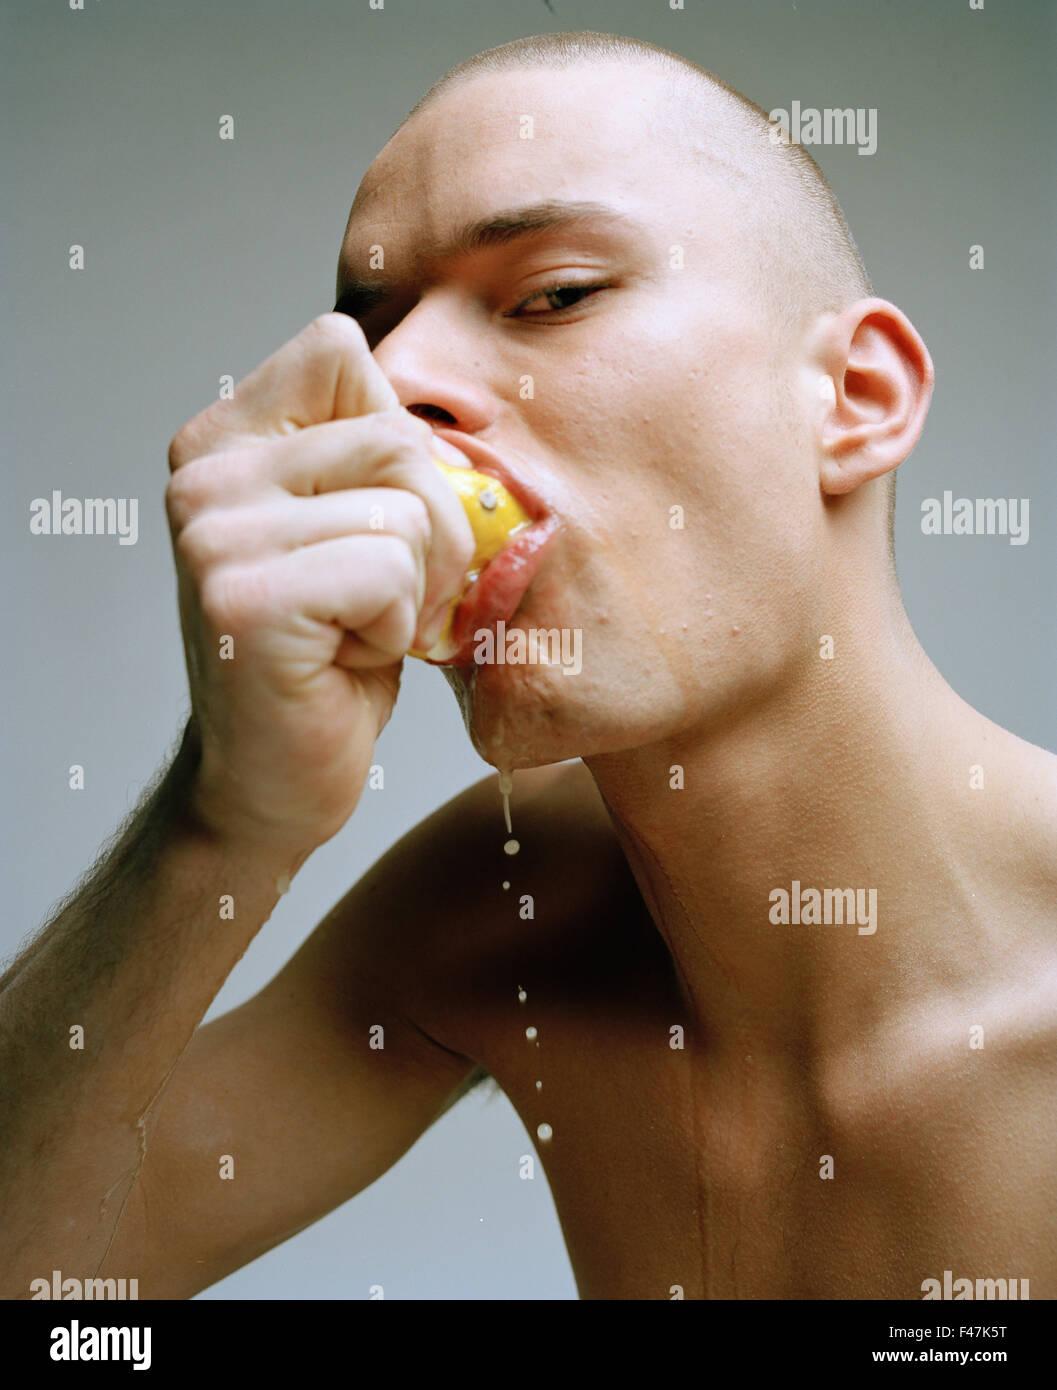 Hombre se desnudó hasta la cintura comiendo un limón. Imagen De Stock